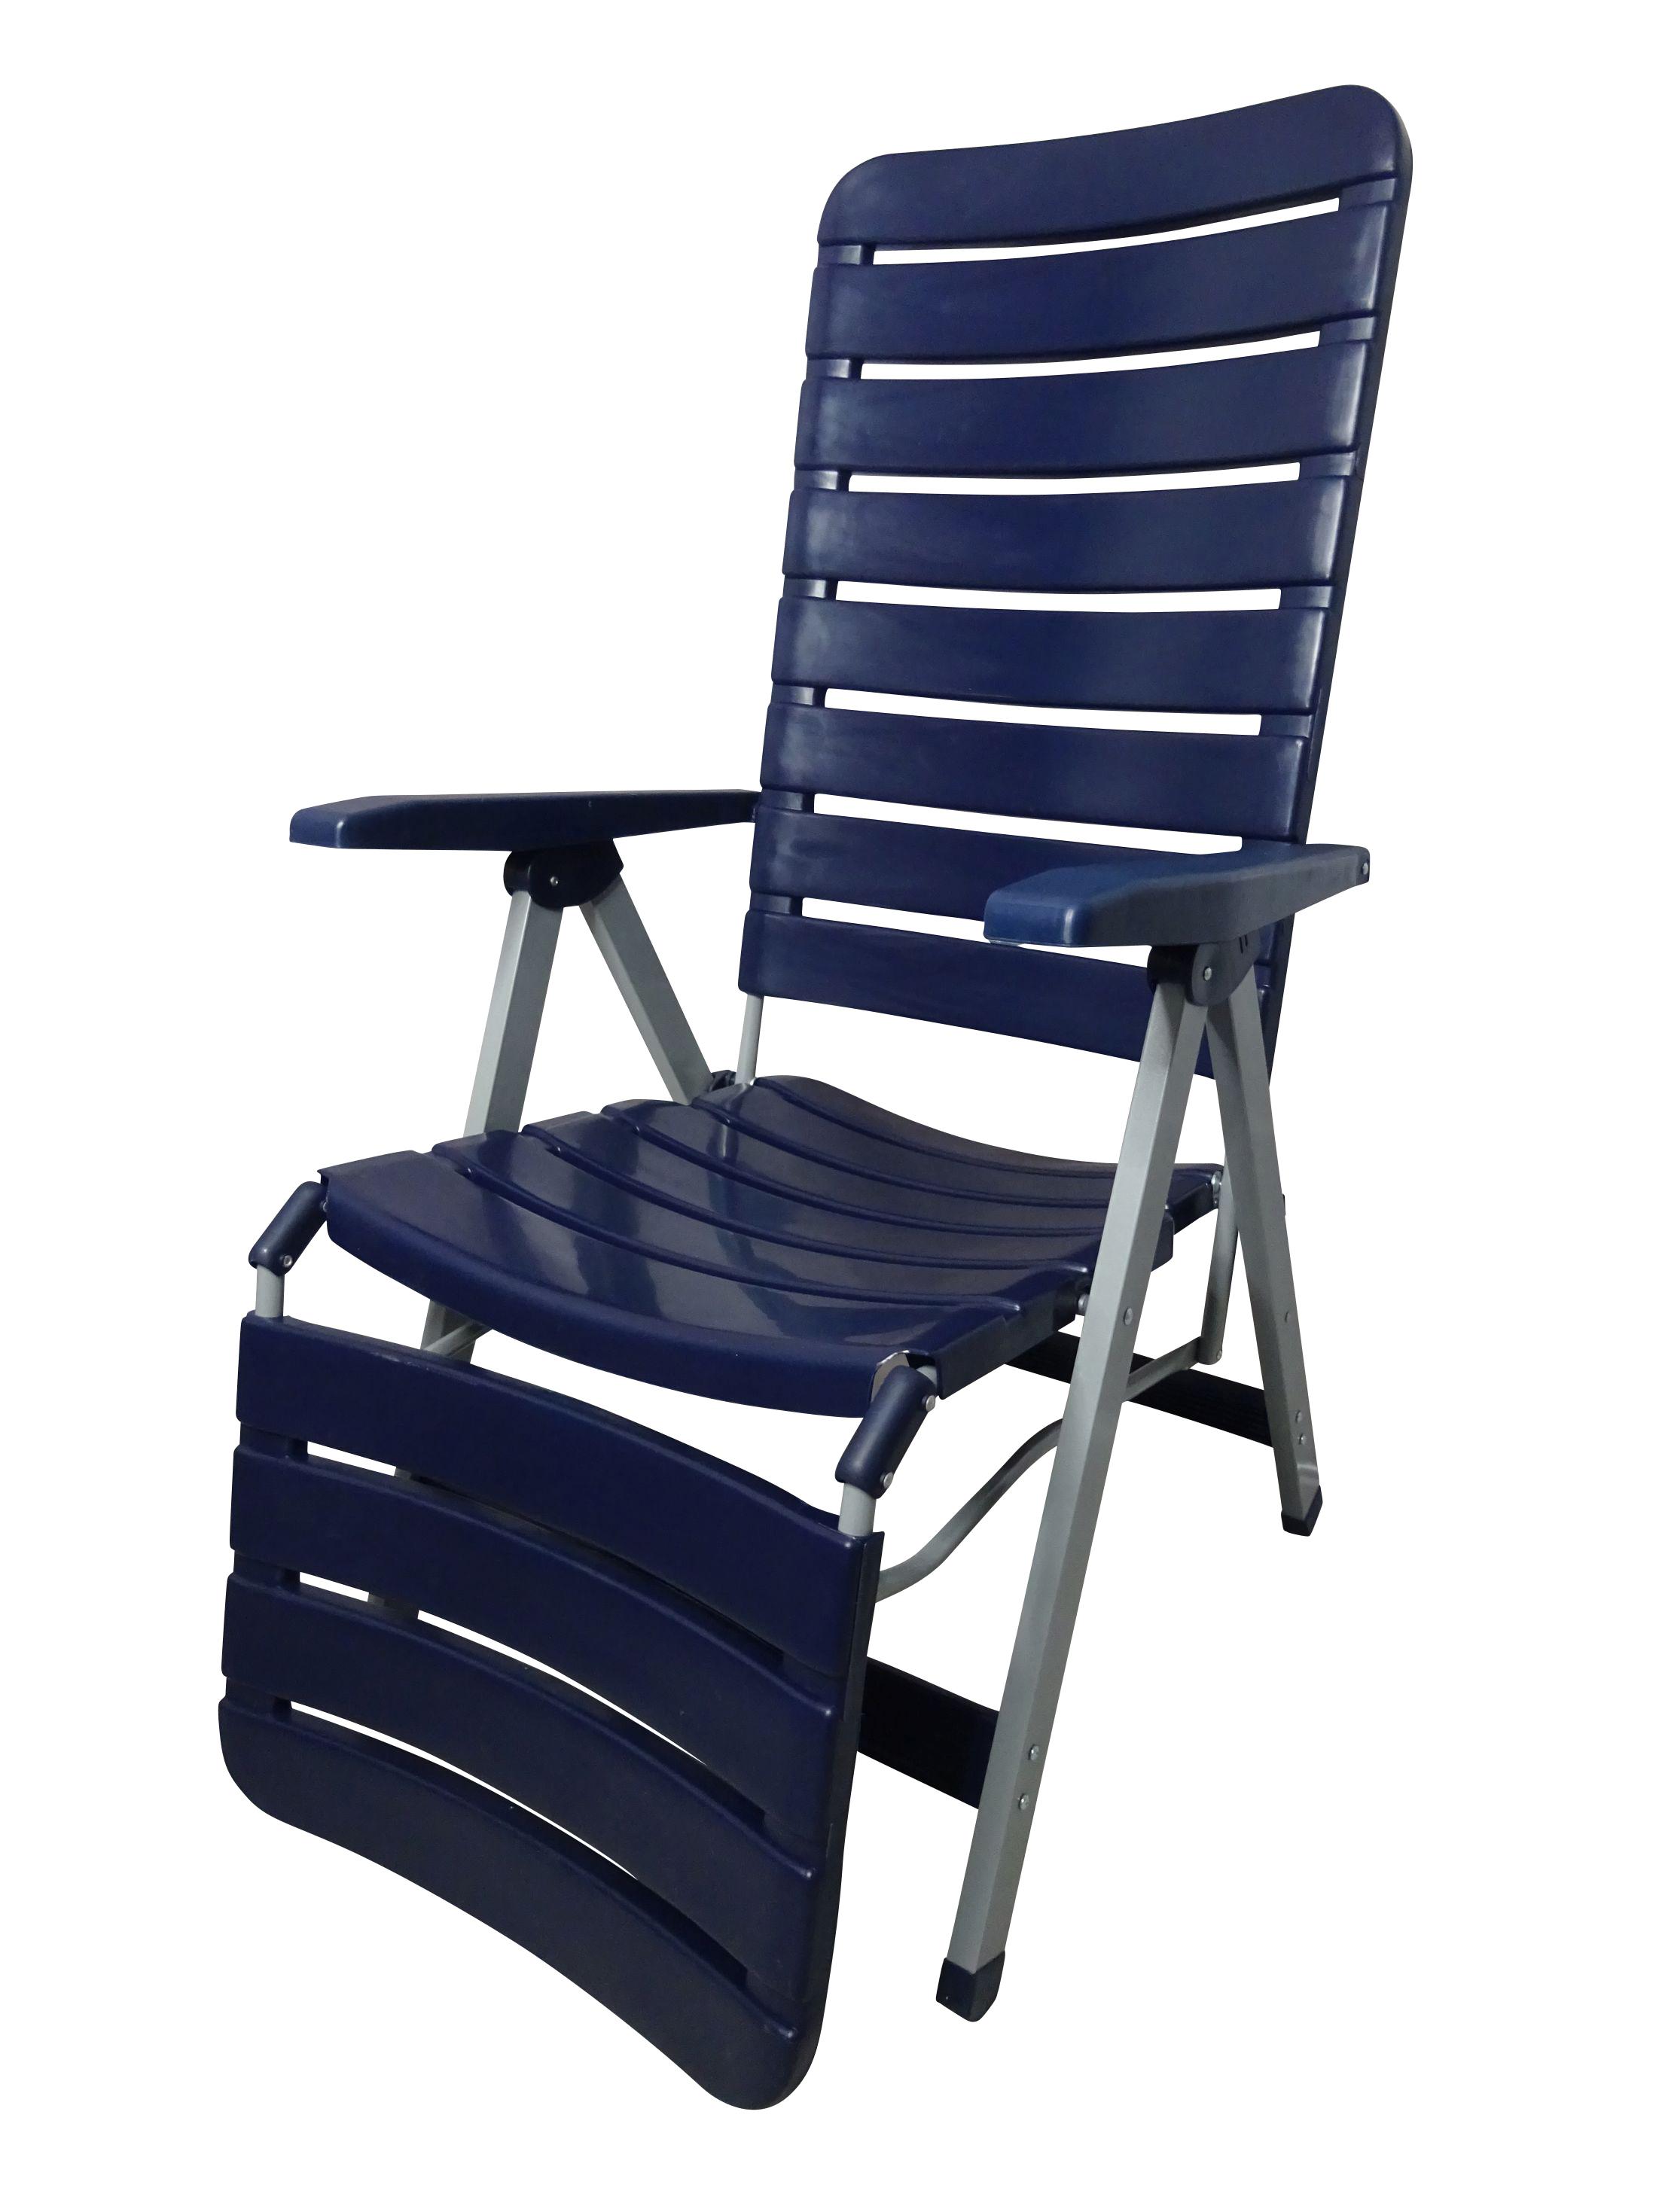 POEL Relaxsessel klappbarer Liegestuhl mehrfach verstellbar Gartenstühle Garten  ~ 18031819_Liegestuhl Mehrfach Verstellbar